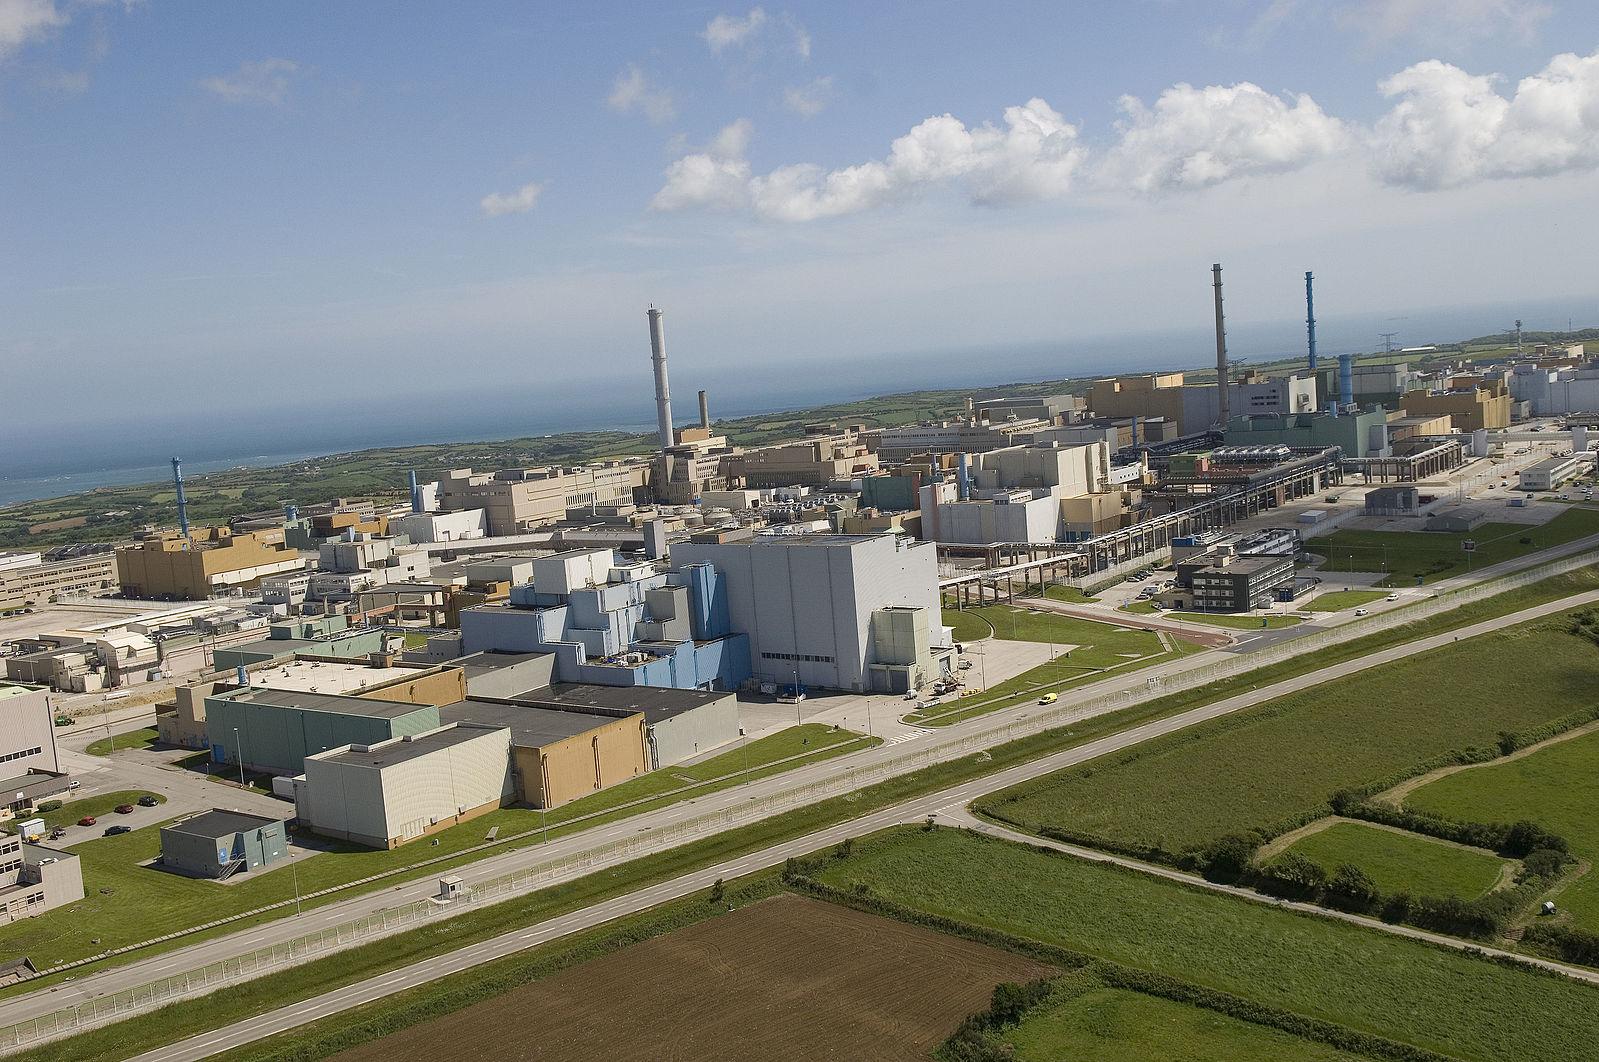 jaderná energie - iDnes blog: Mýty jaderné energetiky - odpad a ještě víc odpadu - Zprávy (f1big) 3